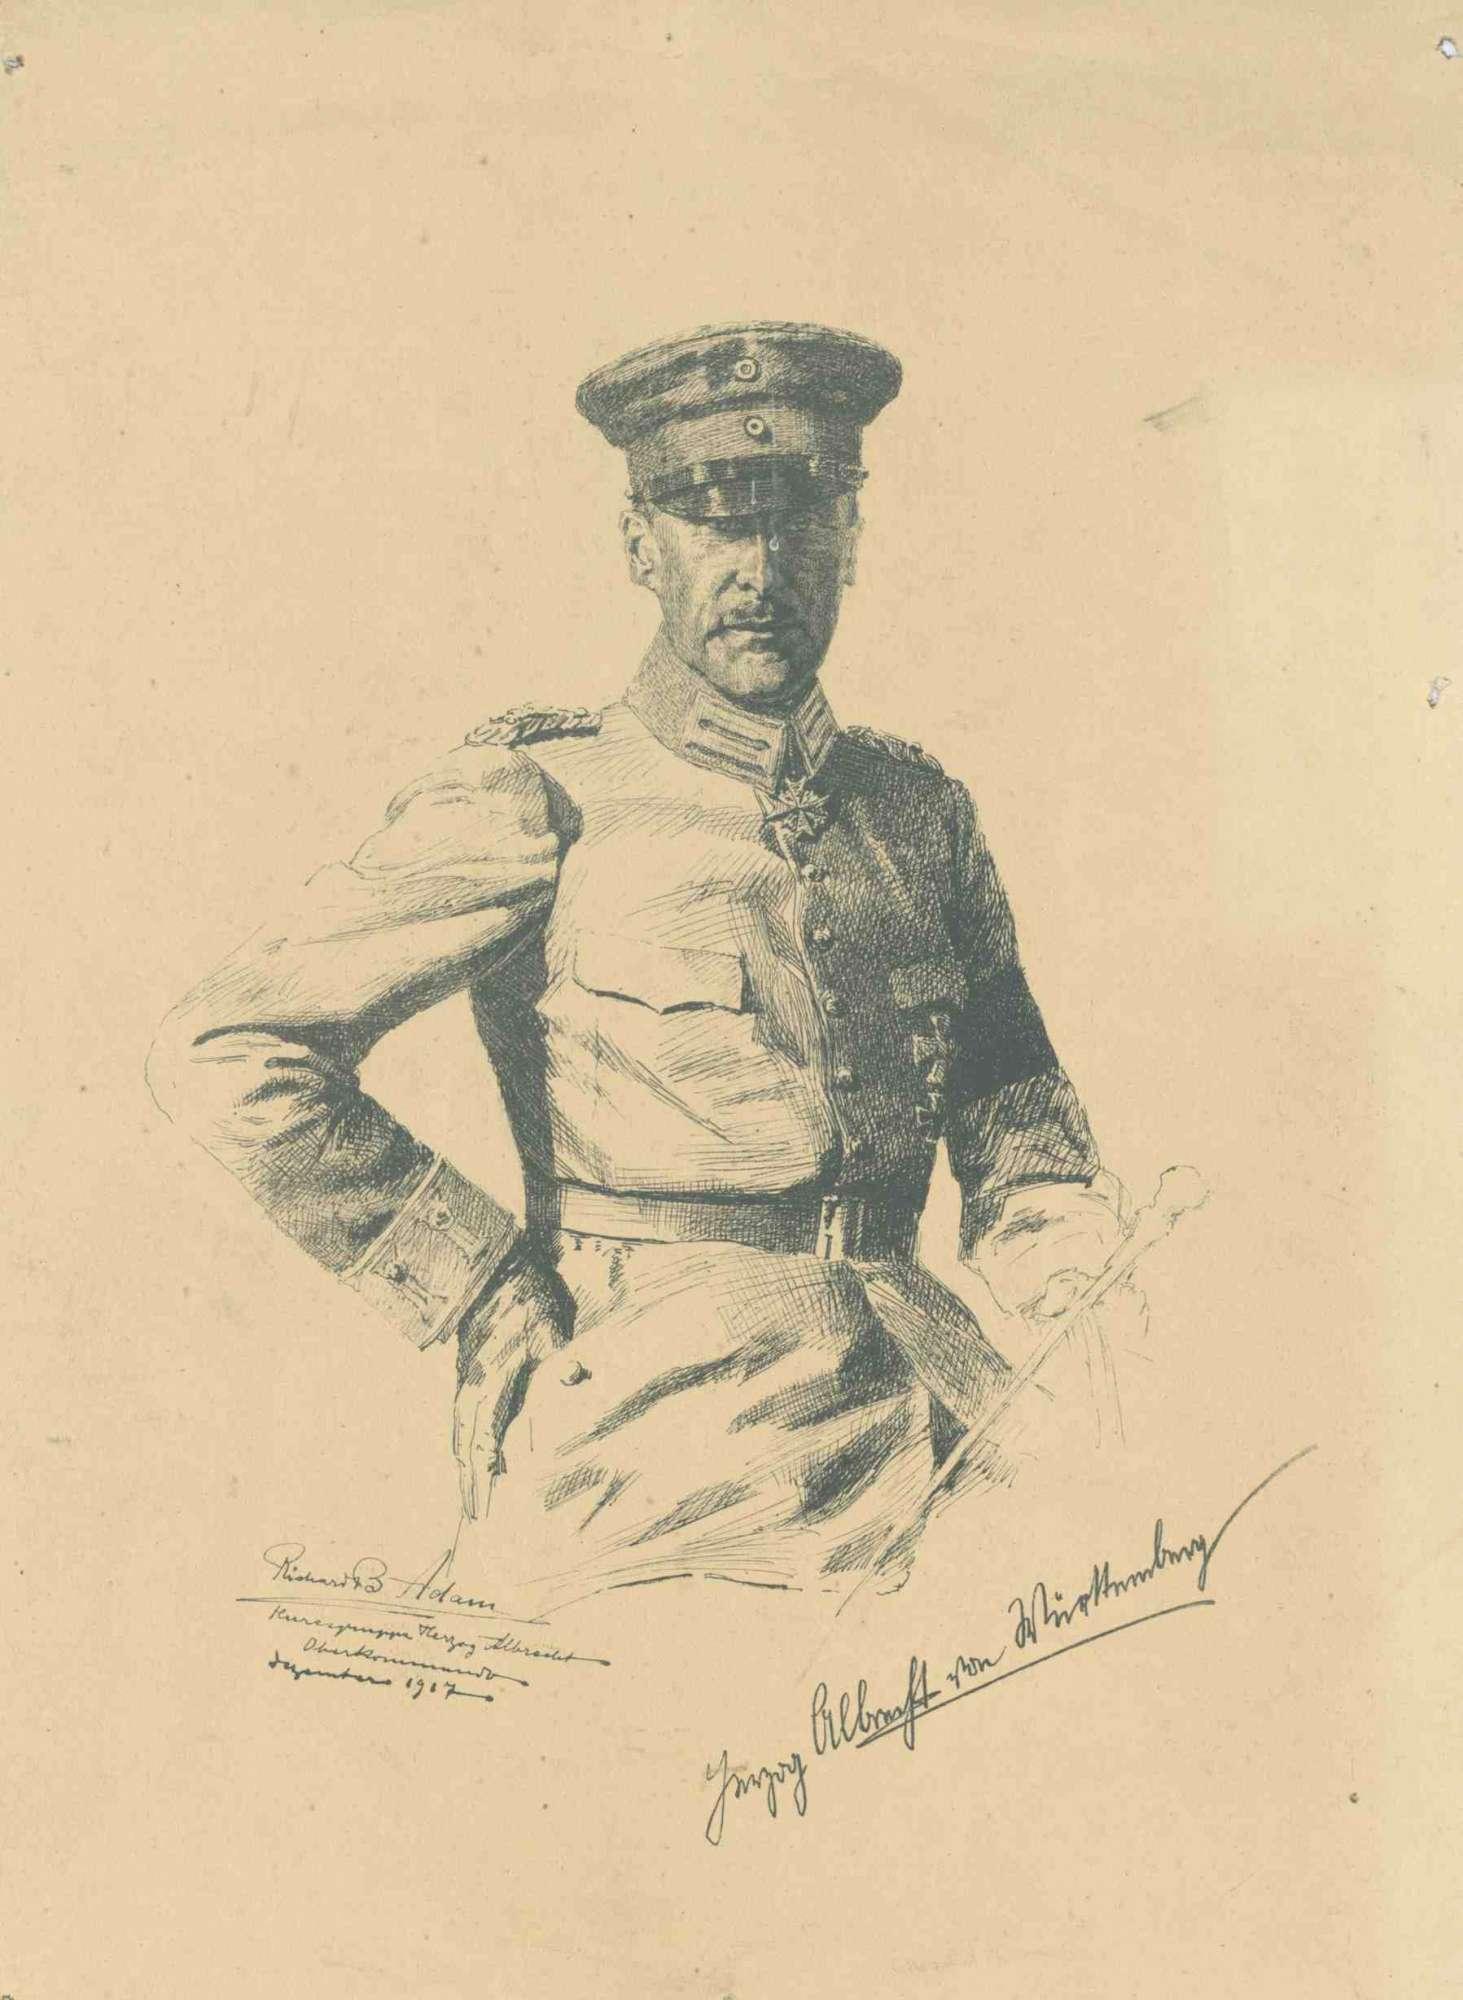 Herzog Albrecht von Württemberg in Uniform eines preussische Generalfeldmarschalls mit Mütze und Orden u. a. pour le mérite, in Halbprofil, Bild 1